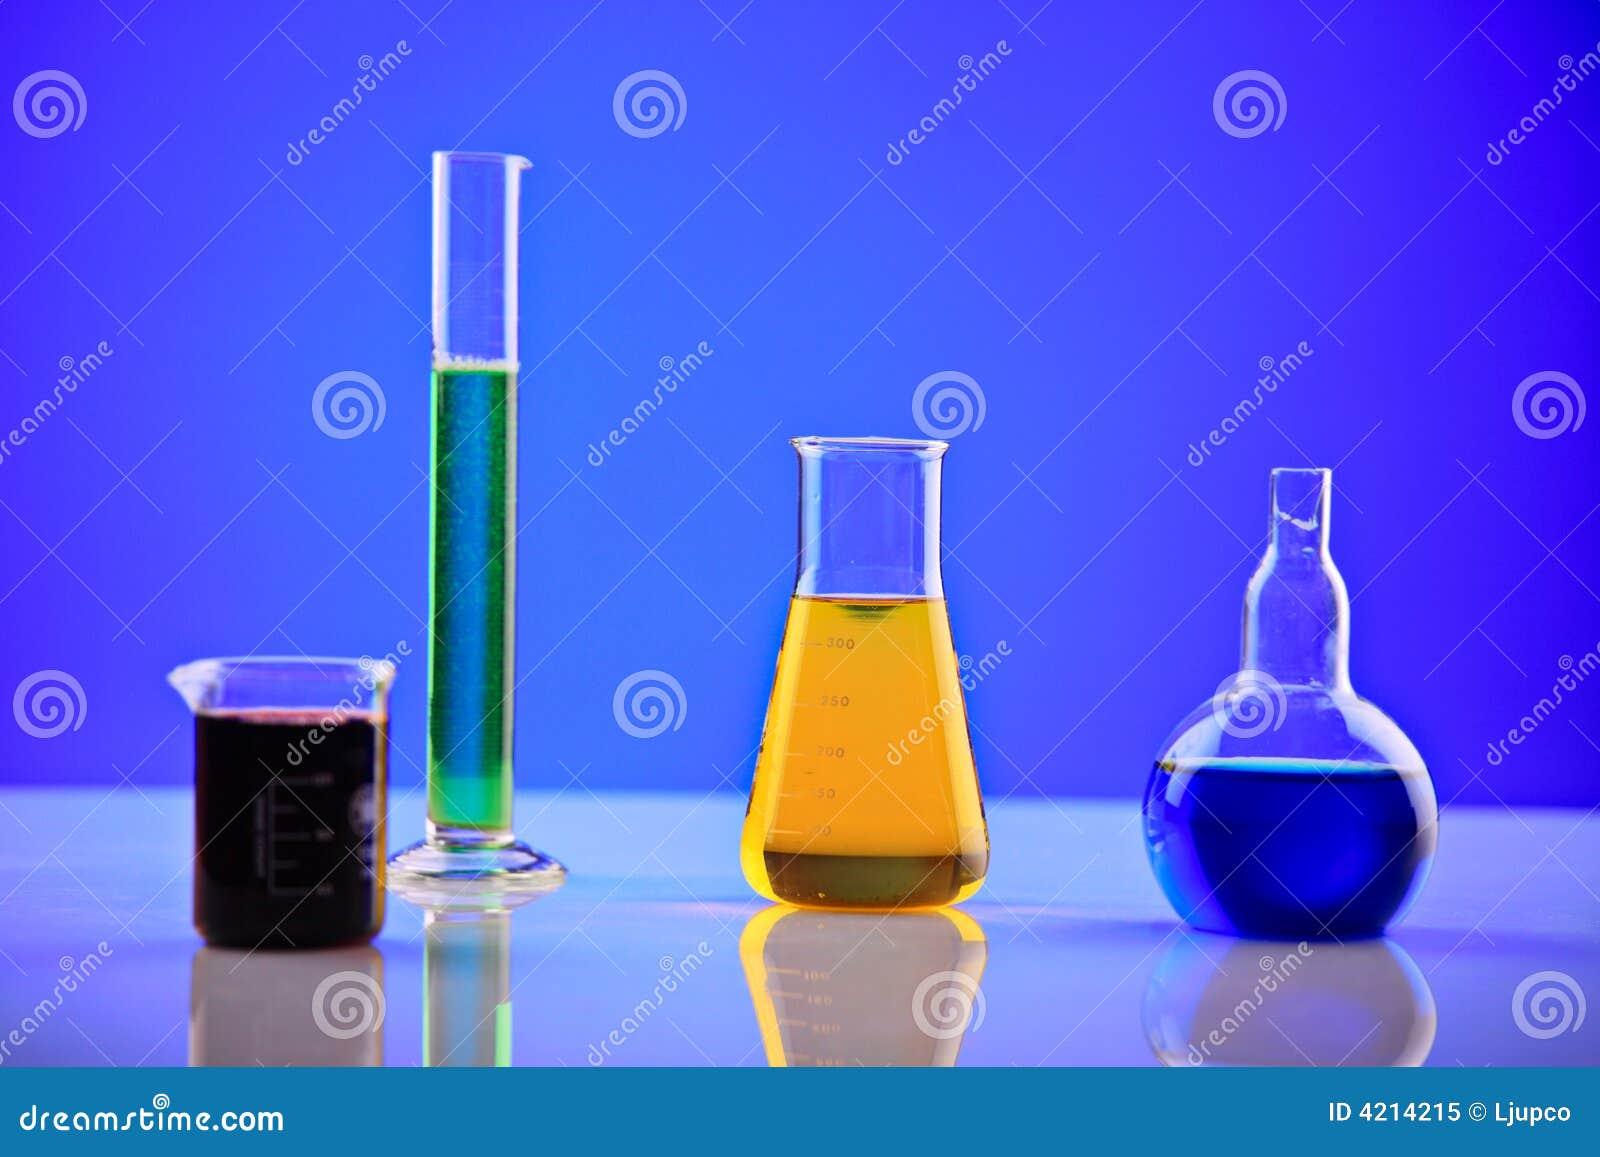 εργαστήριο χημικών ουσιών